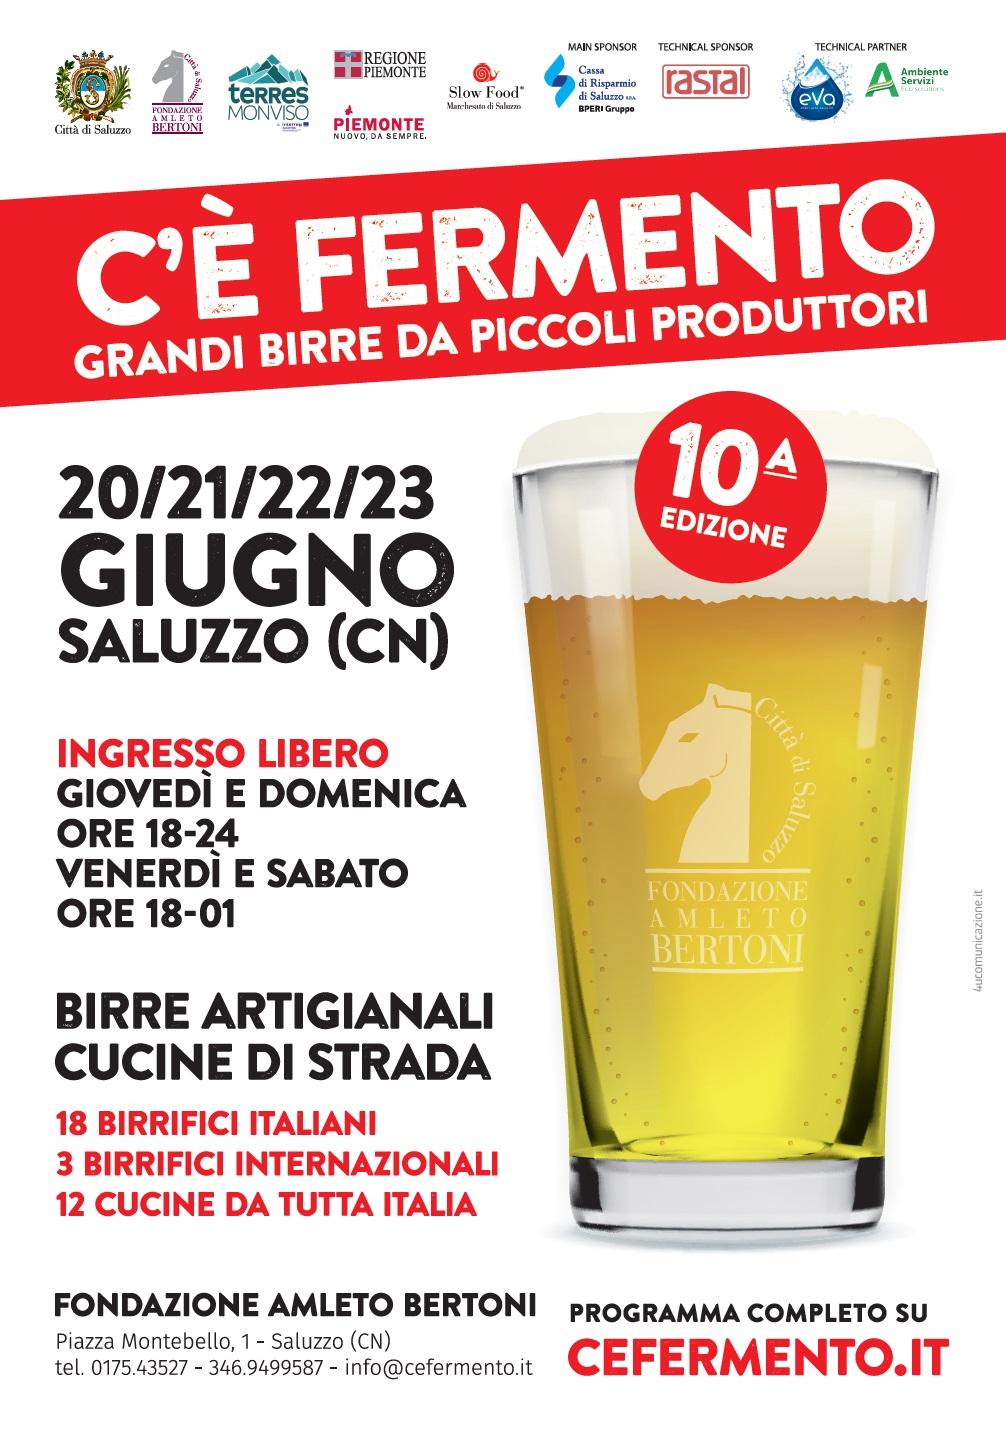 C'è Fermento 2019 - Saluzzo